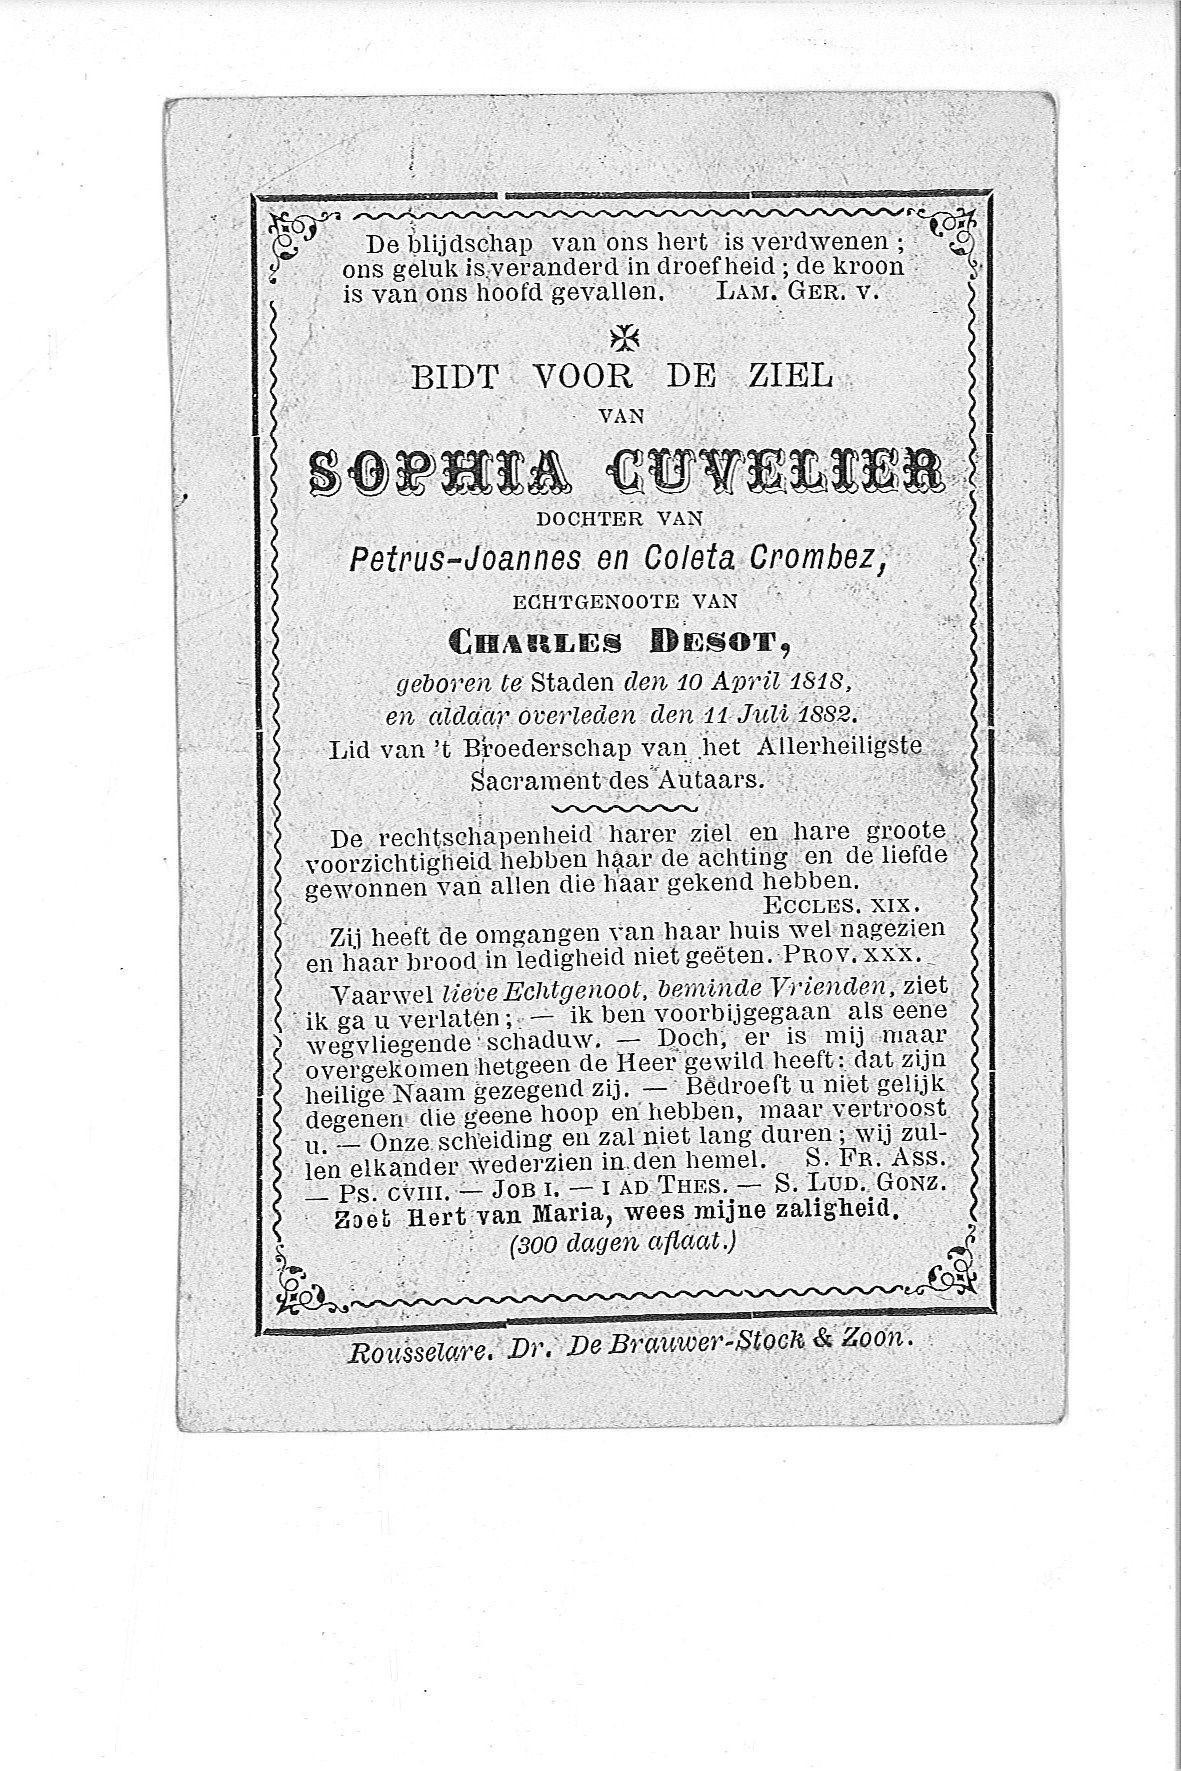 sophia(1882)20090323101150_00028.jpg